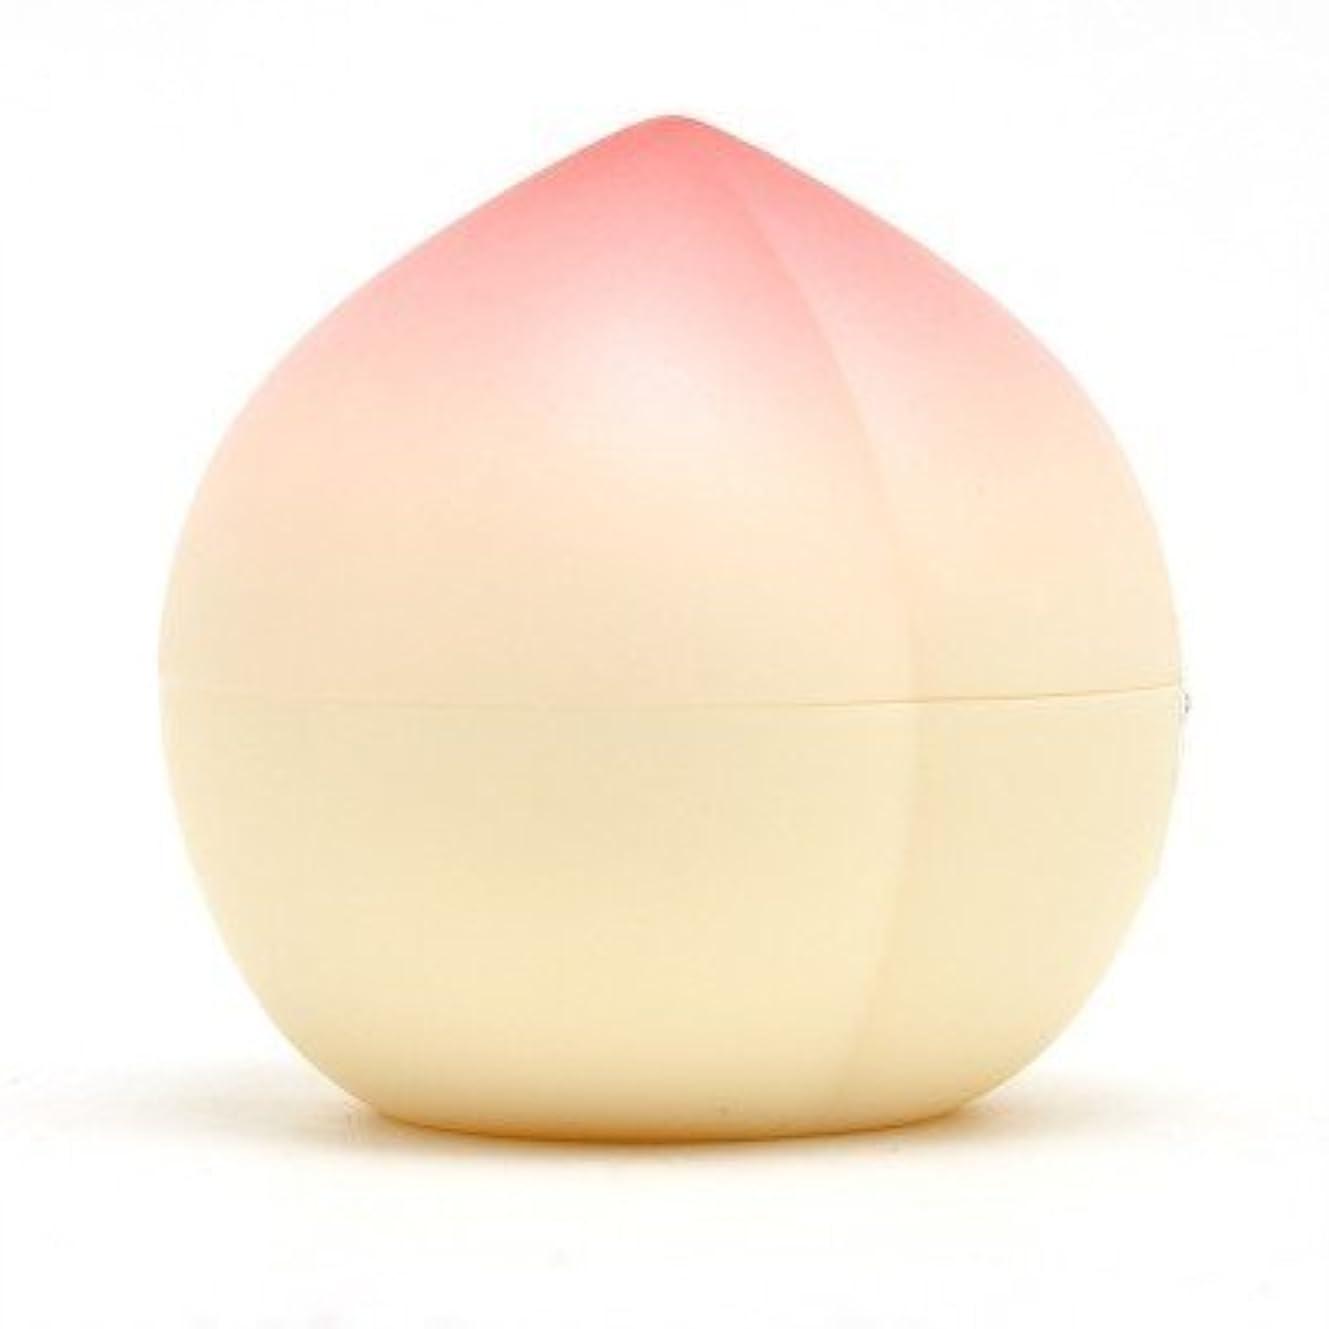 ヒロインまで人種TONYMOLY トニーモリー ピーチ?ハンドクリーム 30g (Peach Antiaging Hand Cream) 海外直送品